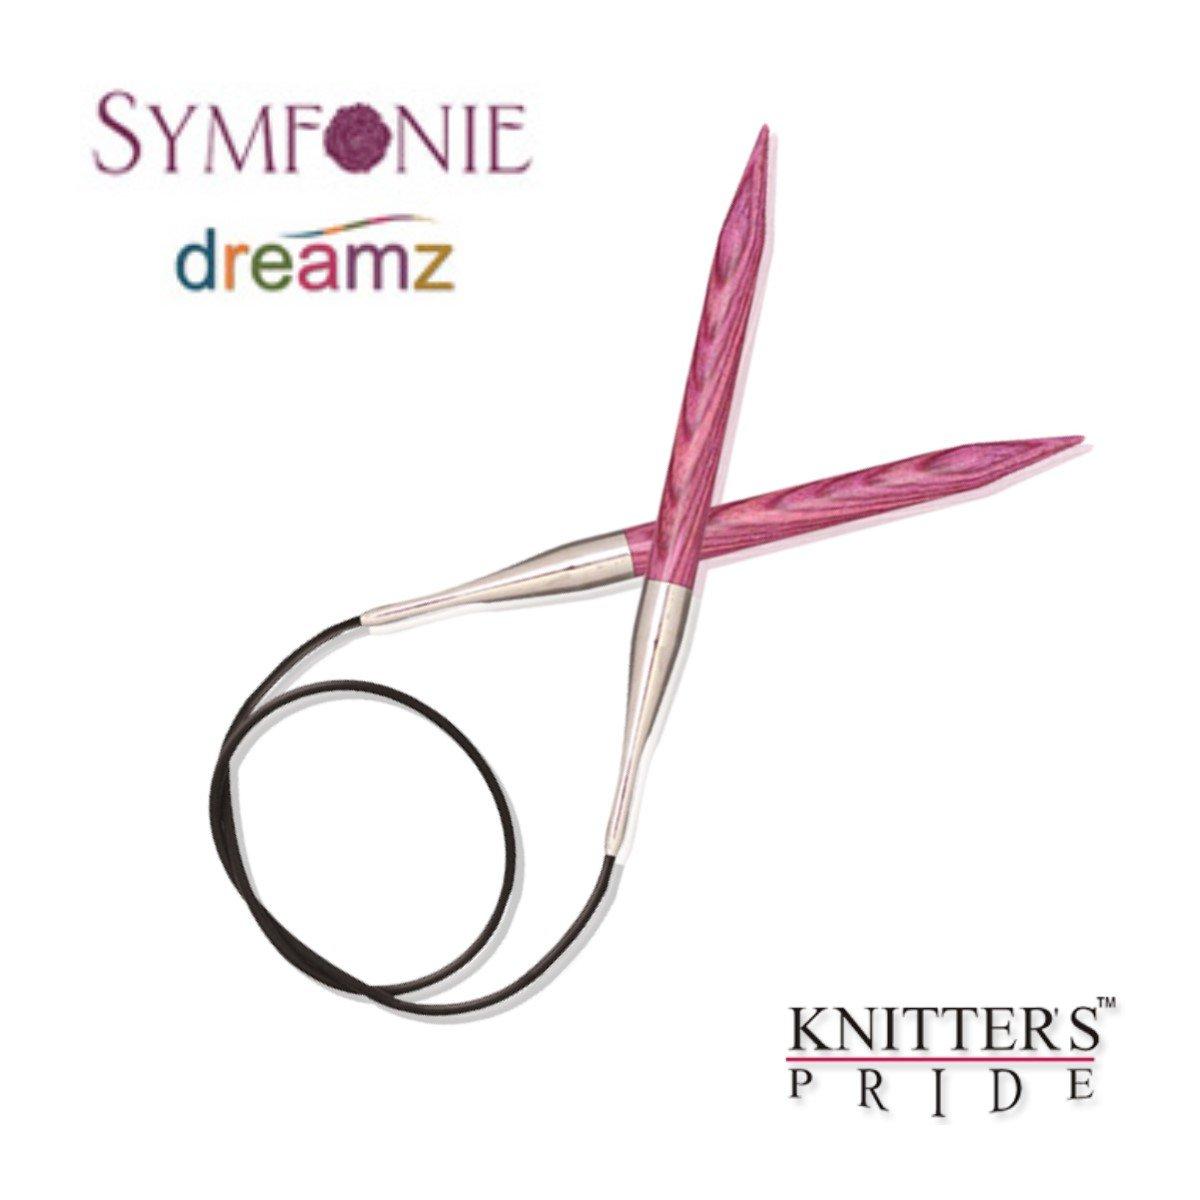 Symfonie Dreamz Circular